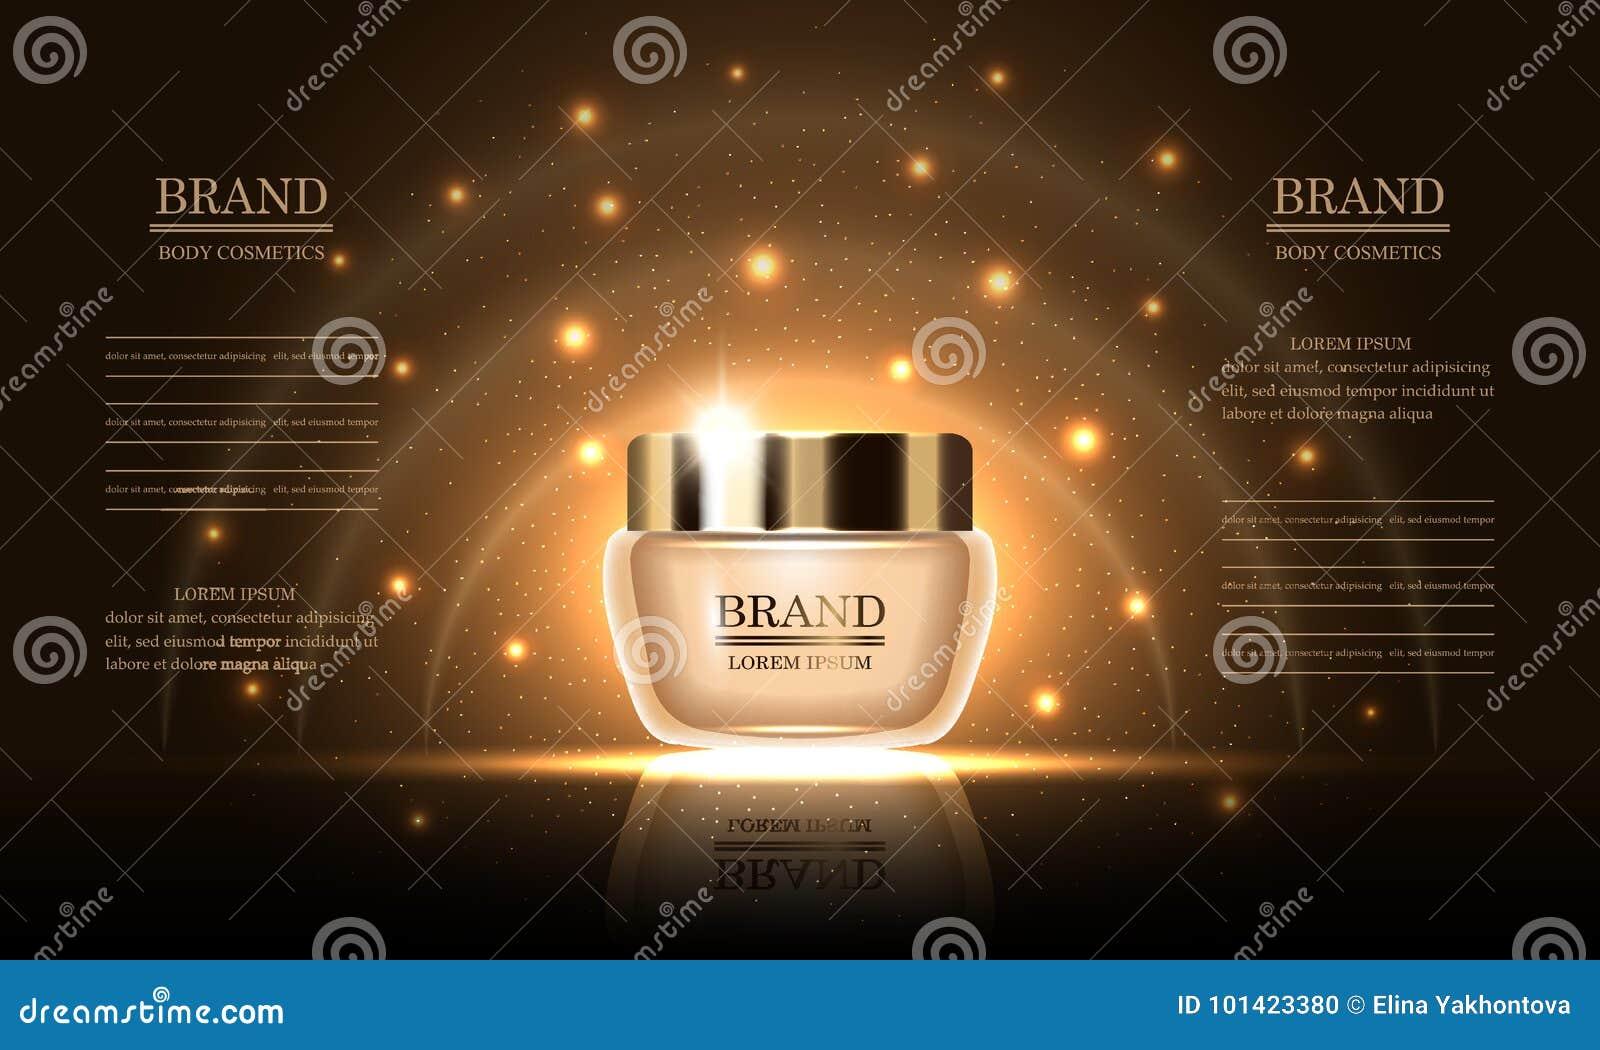 Série da beleza dos cosméticos, creme de corpo superior para cuidados com a pele no fundo do ouro, modelo para anúncios do projet